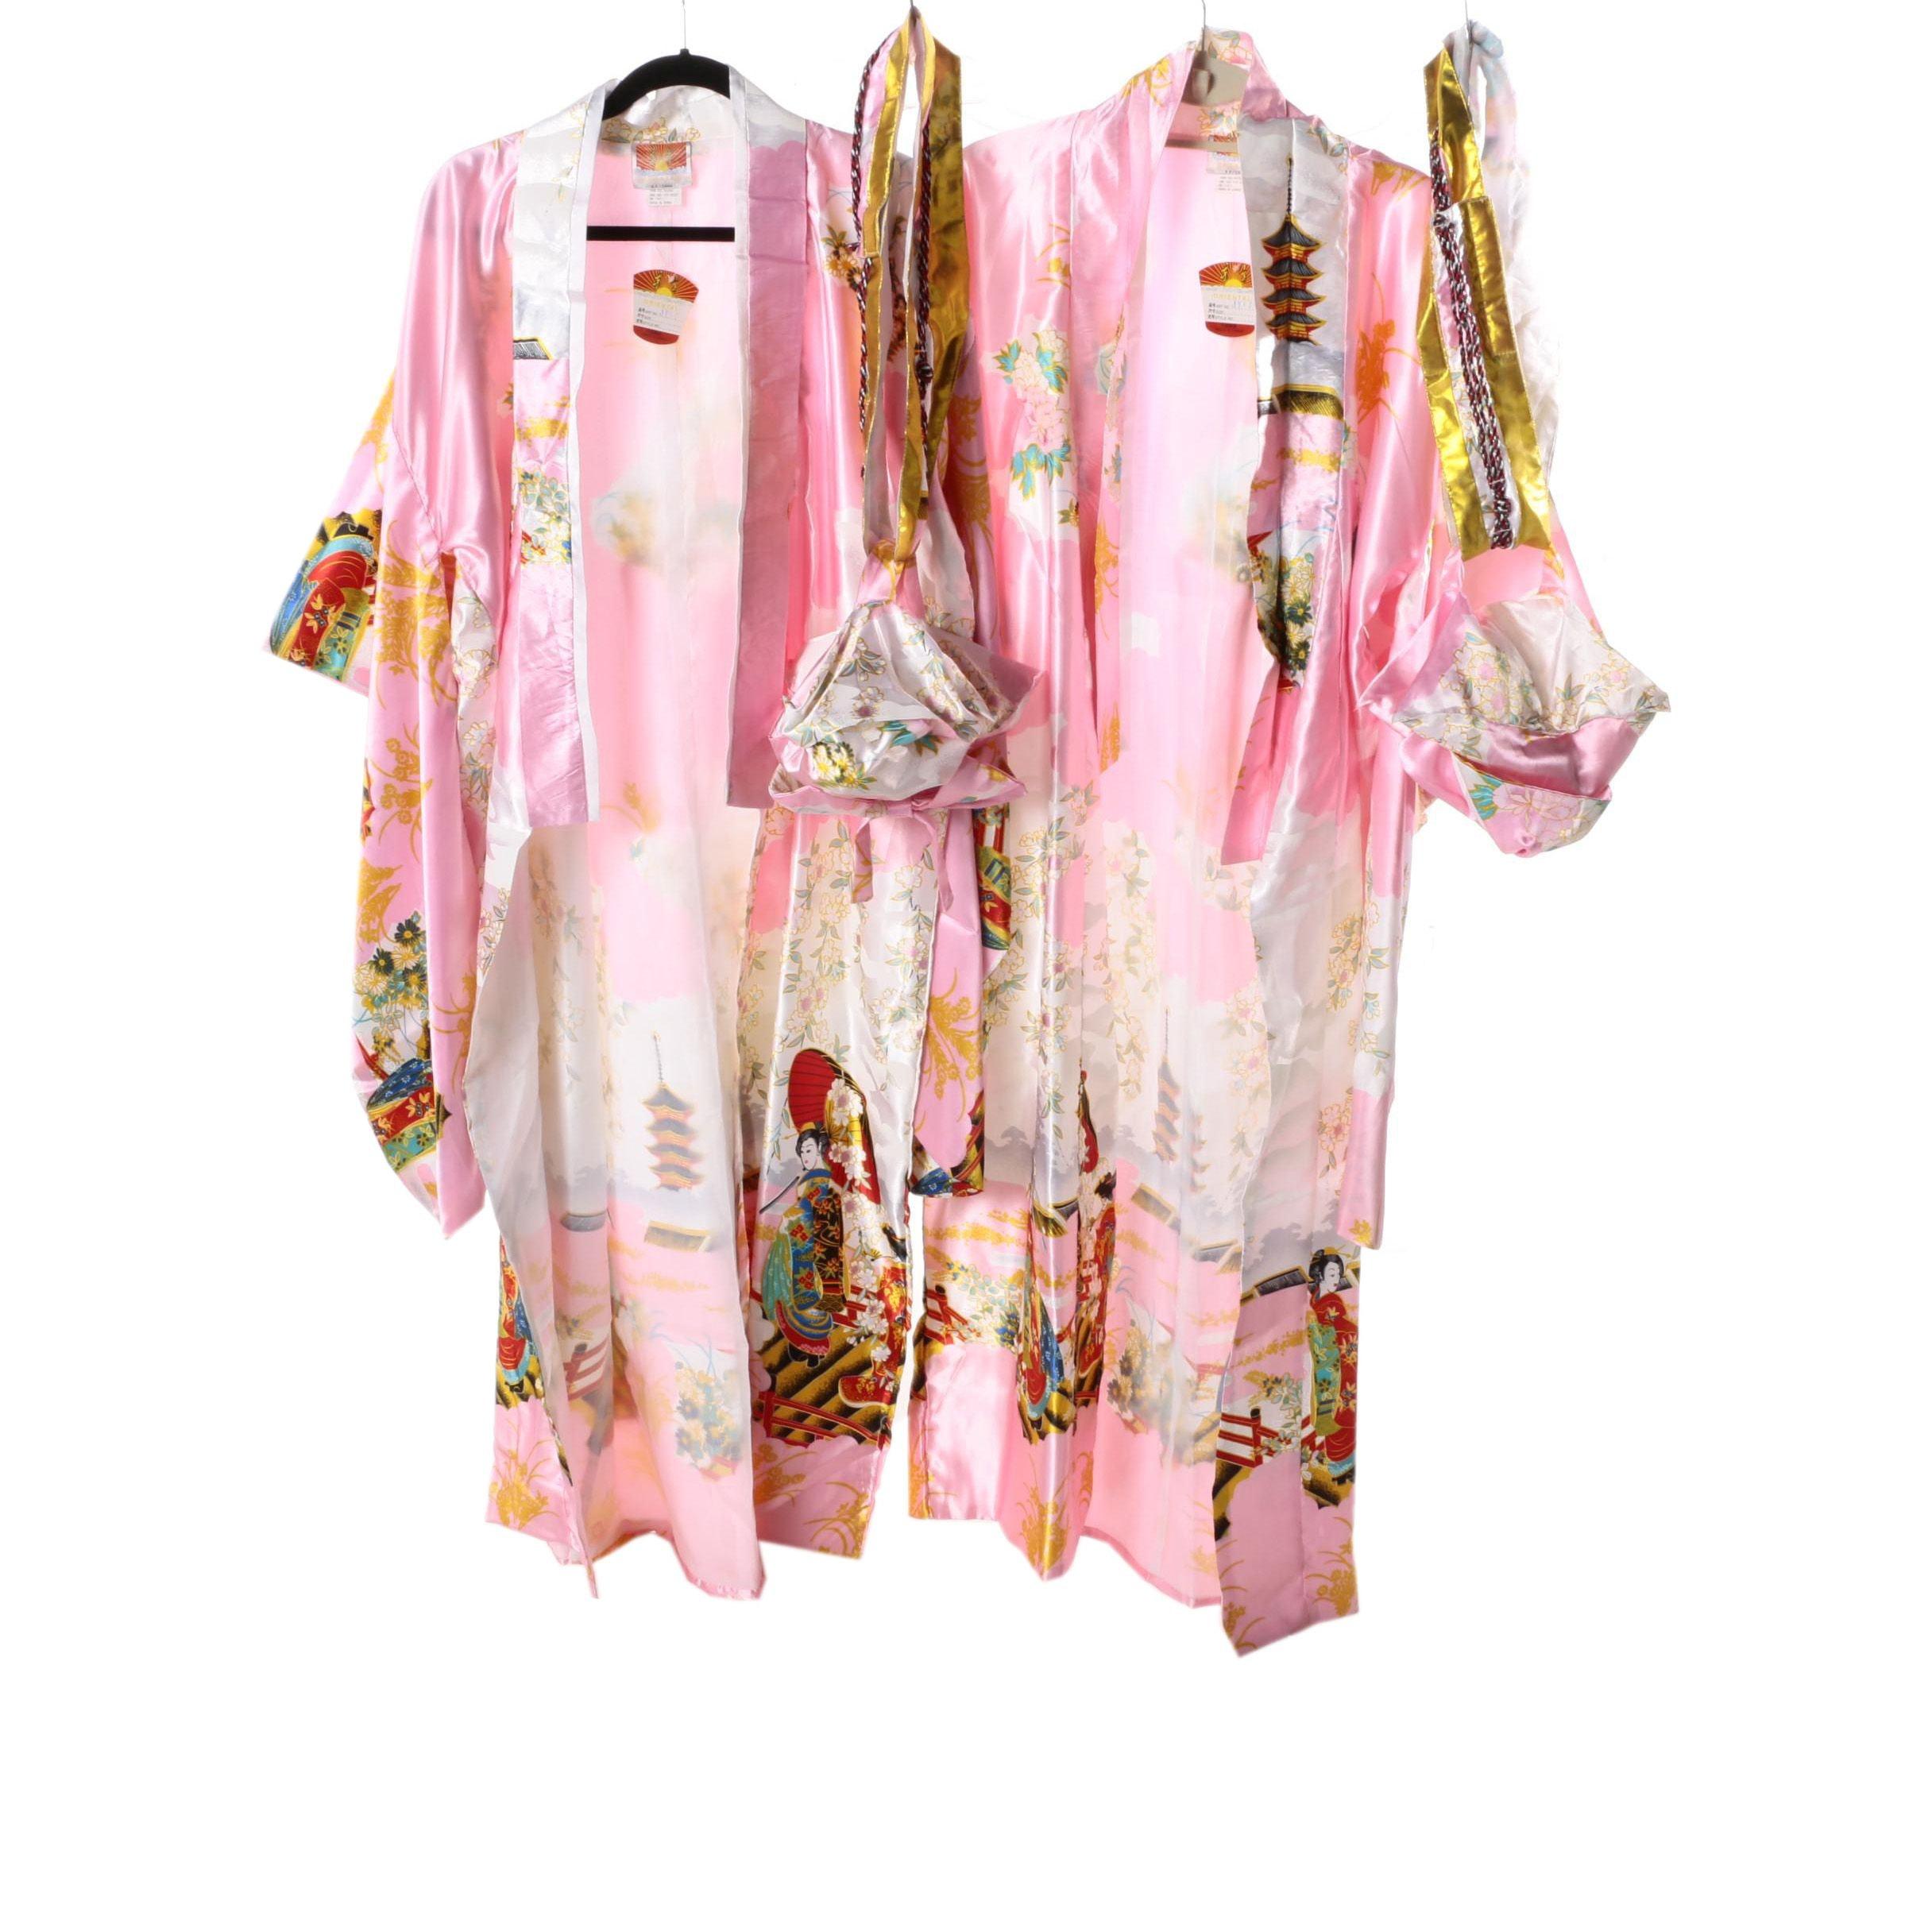 Women's Kimono Style Robes and Sashes